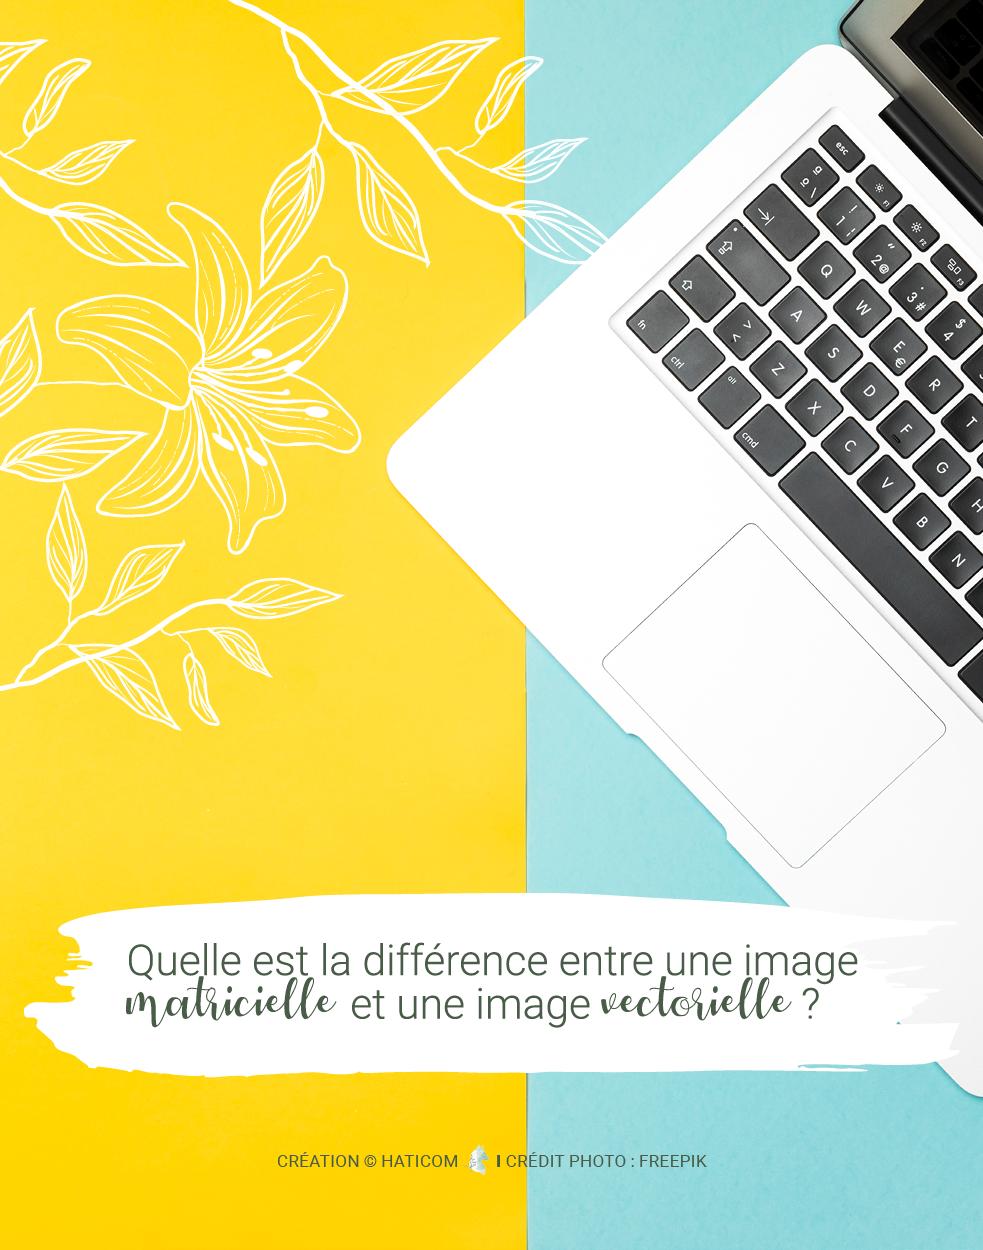 Quelle Est La Difference Entre Une Image Matricielle Et Une Image Vectorielle En 2020 Image Matricielle Image Bitmap Vectoriel